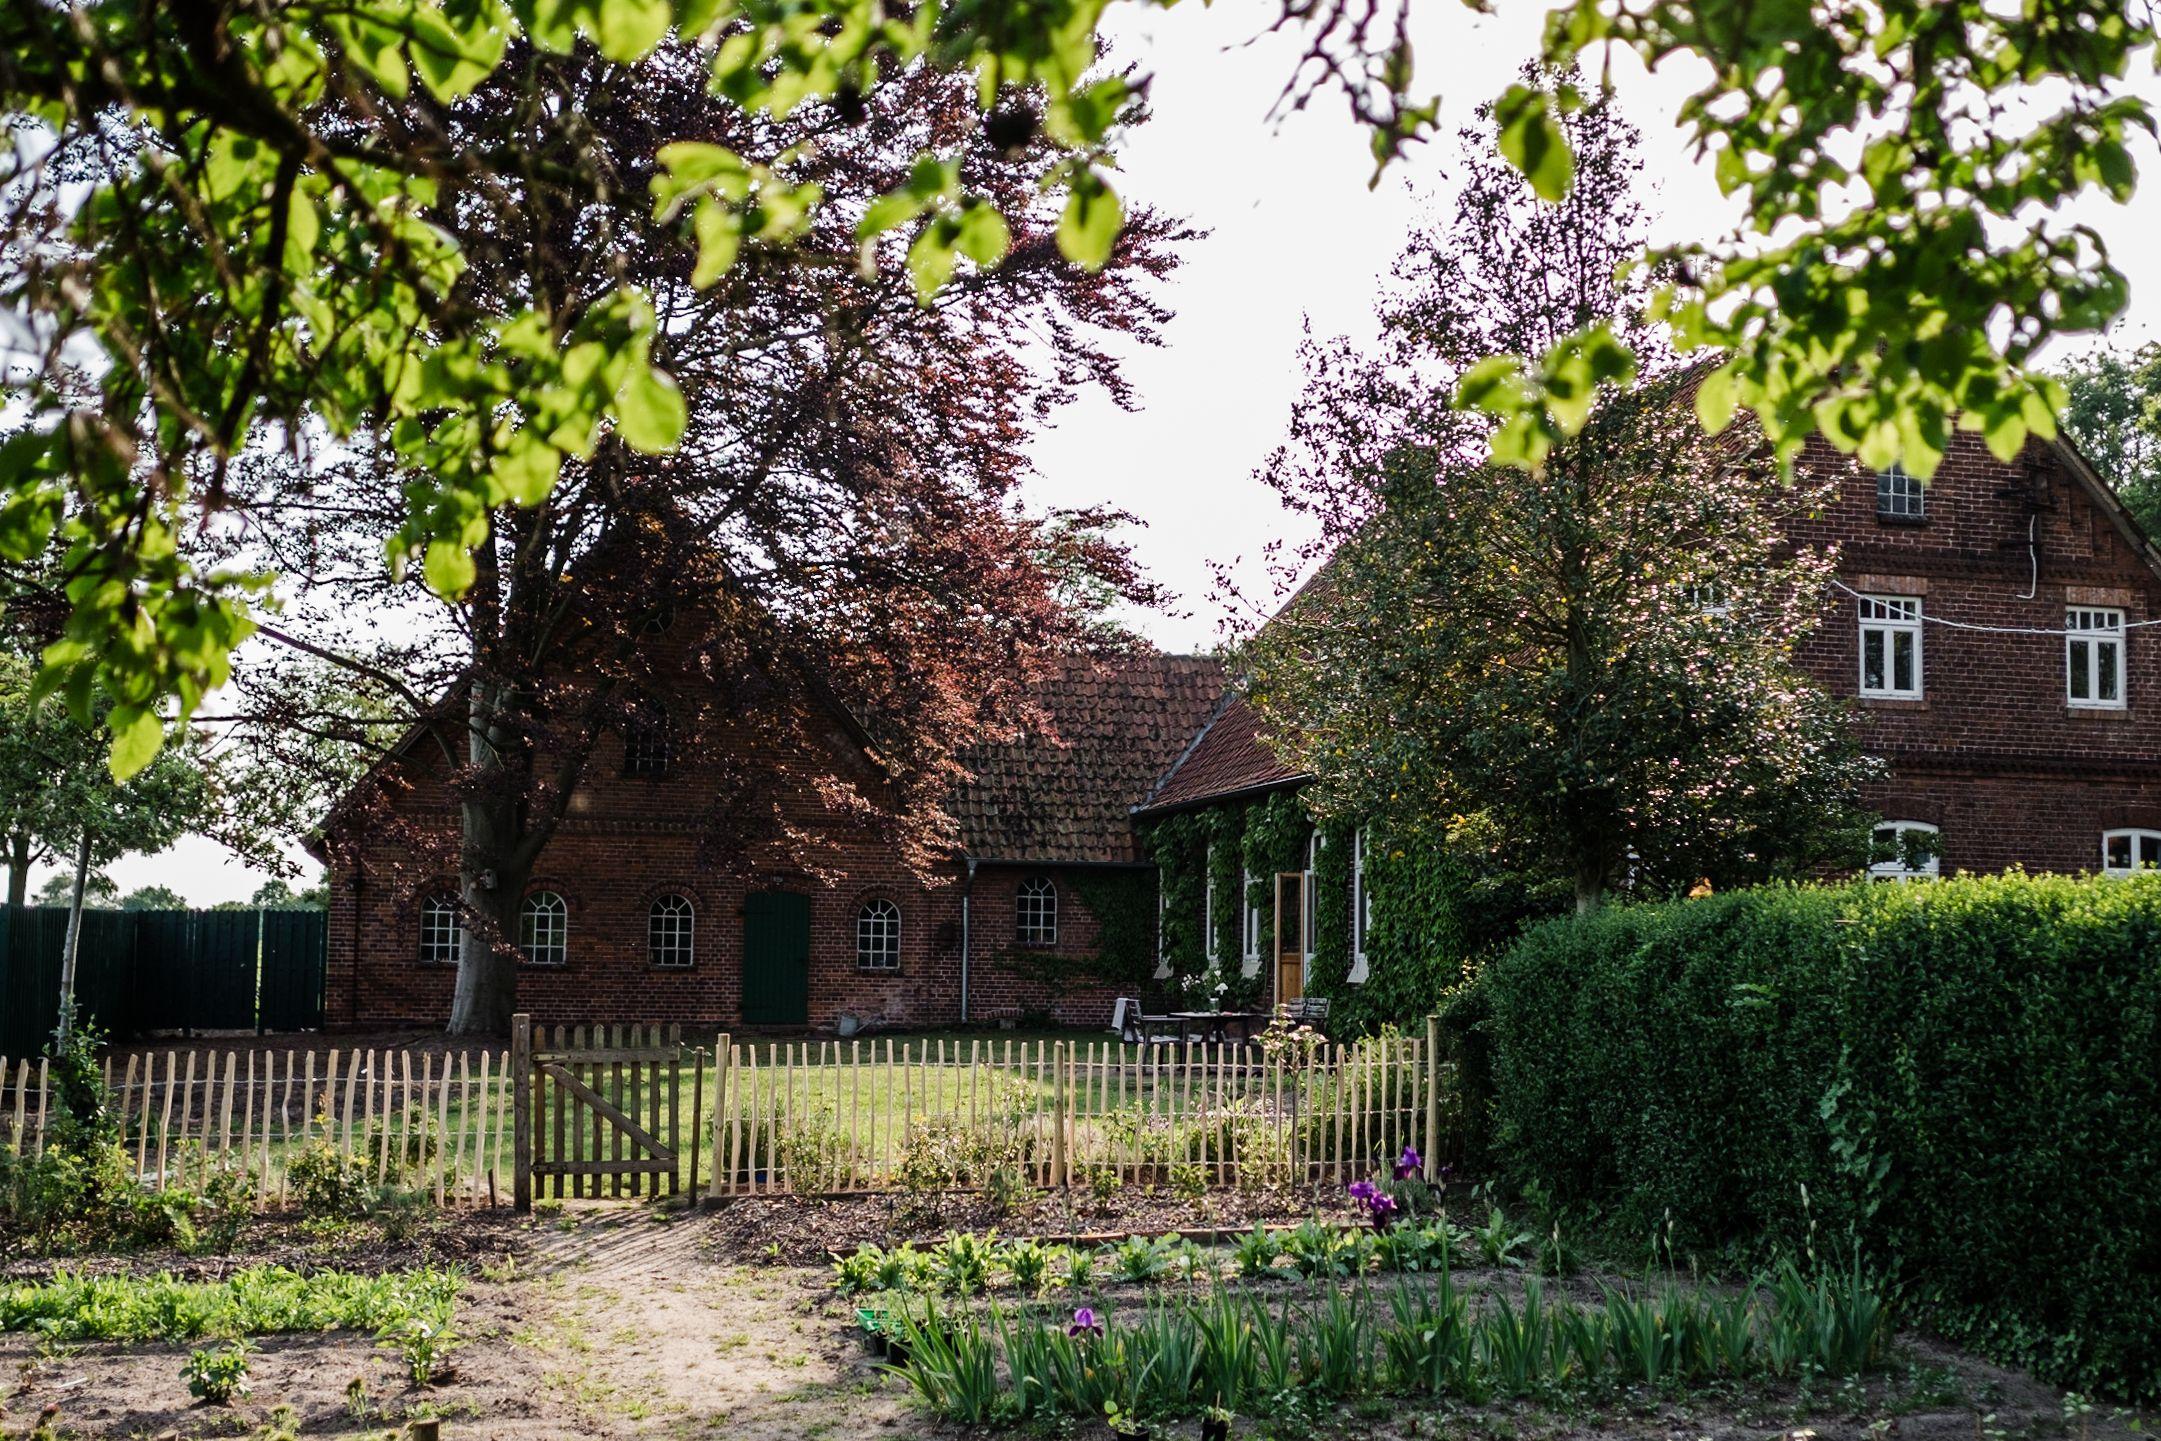 Unser Haus und Hof | Garten, Hof, Garten gestalten